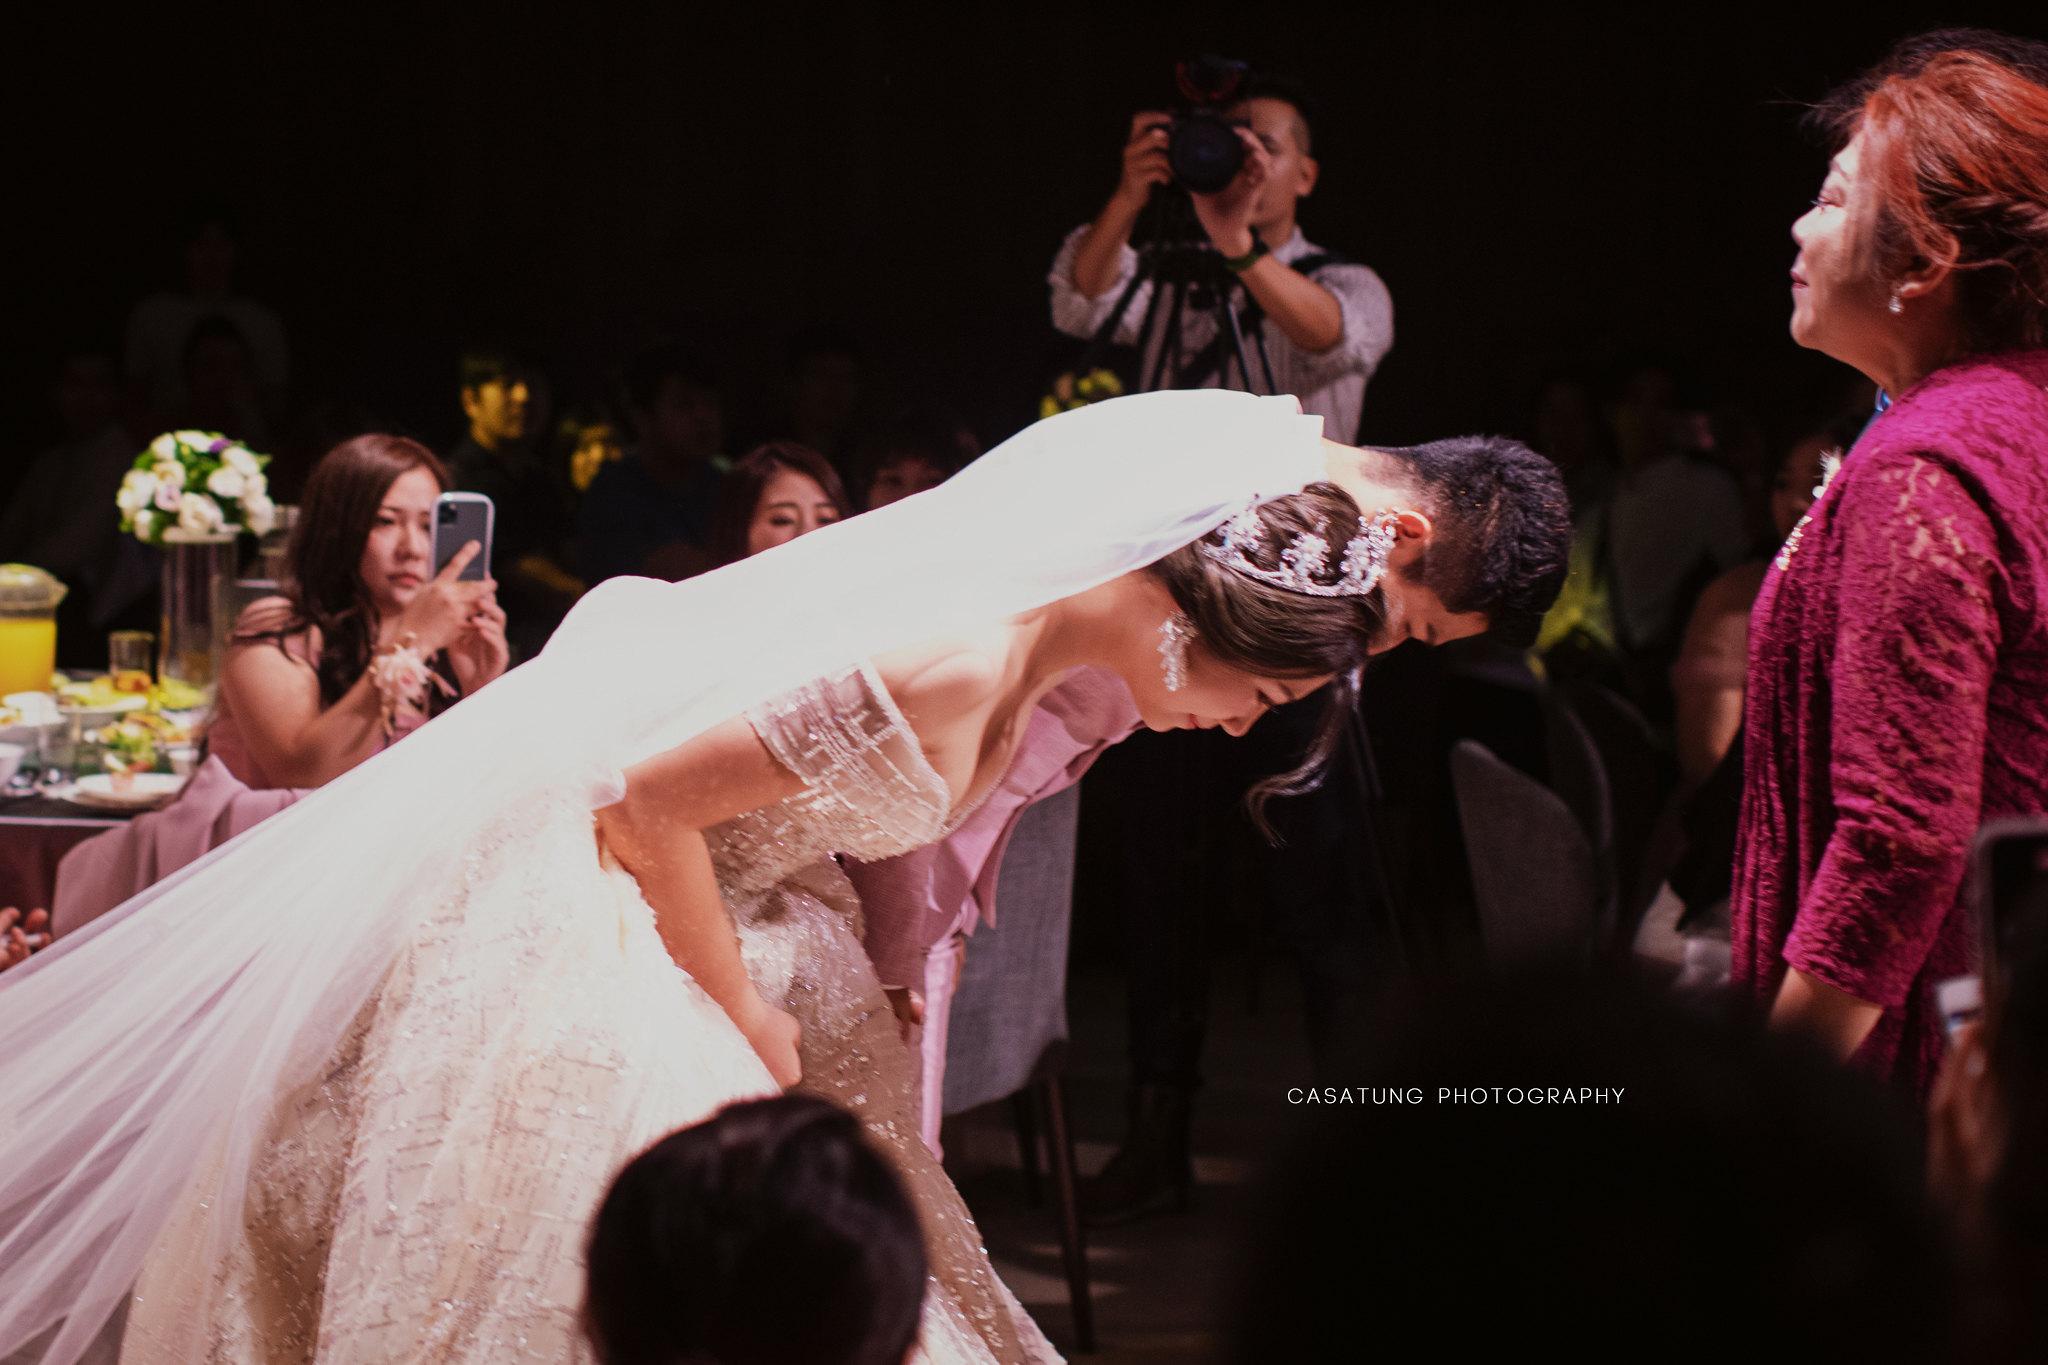 戶外婚禮, 手工婚紗, 台中婚攝, 自助婚紗, 婚紗工作室, 婚紗推薦旋轉木馬, 婚攝推廷, 婚攝CASA, 推薦婚攝, 旋轉木馬婚紗, 萊特維庭婚禮, 禮服出租, lightweeding,萊特薇庭婚攝-109